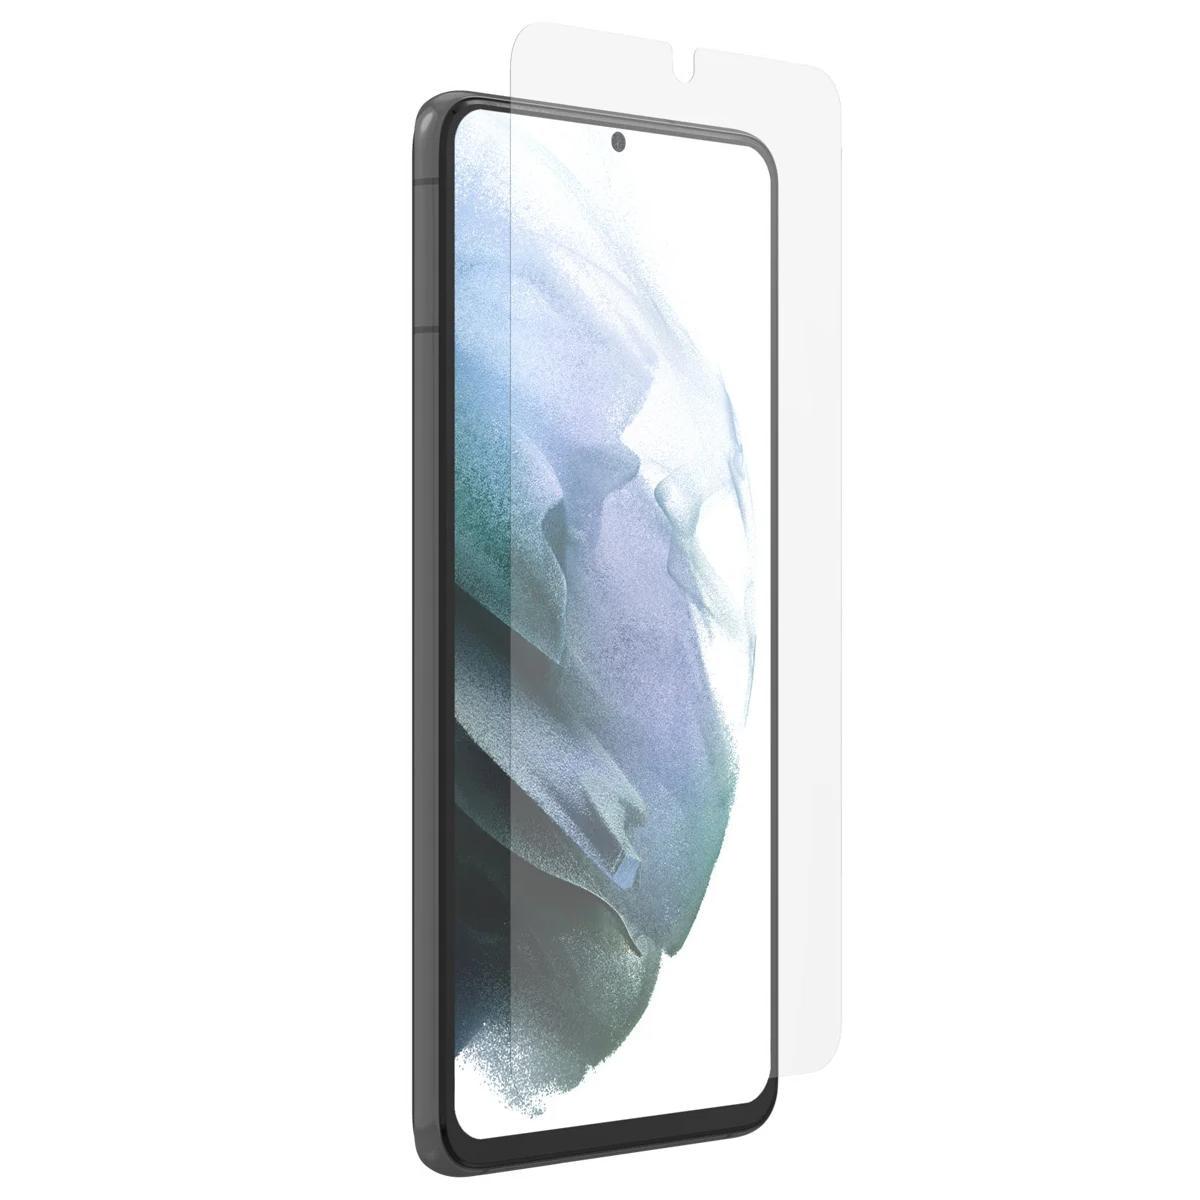 InvisibleShield GlassFusion+ Galaxy S21